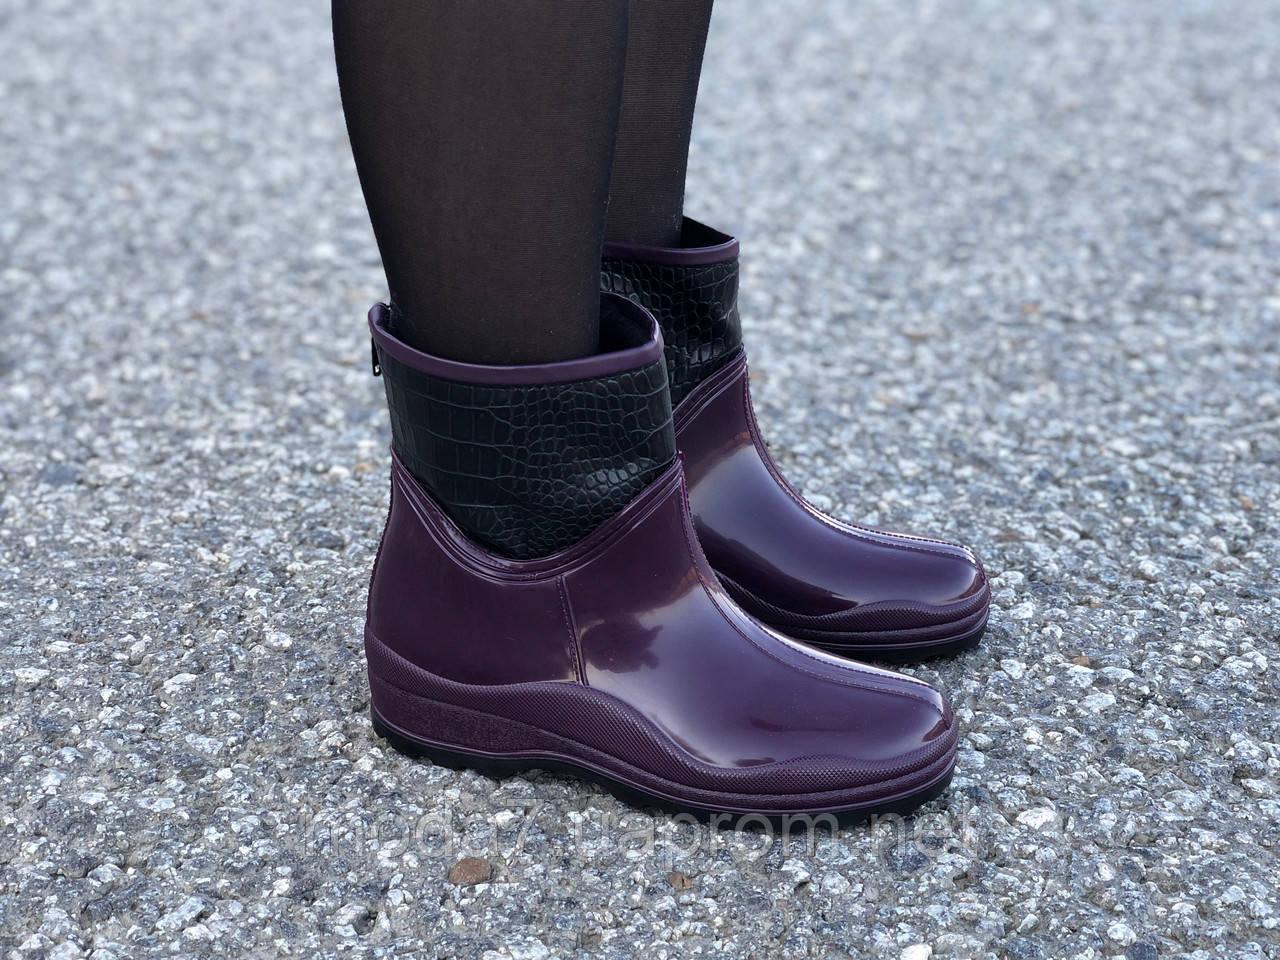 Женские резиновые сапоги, полу сапоги с утеплителем фиолетовые